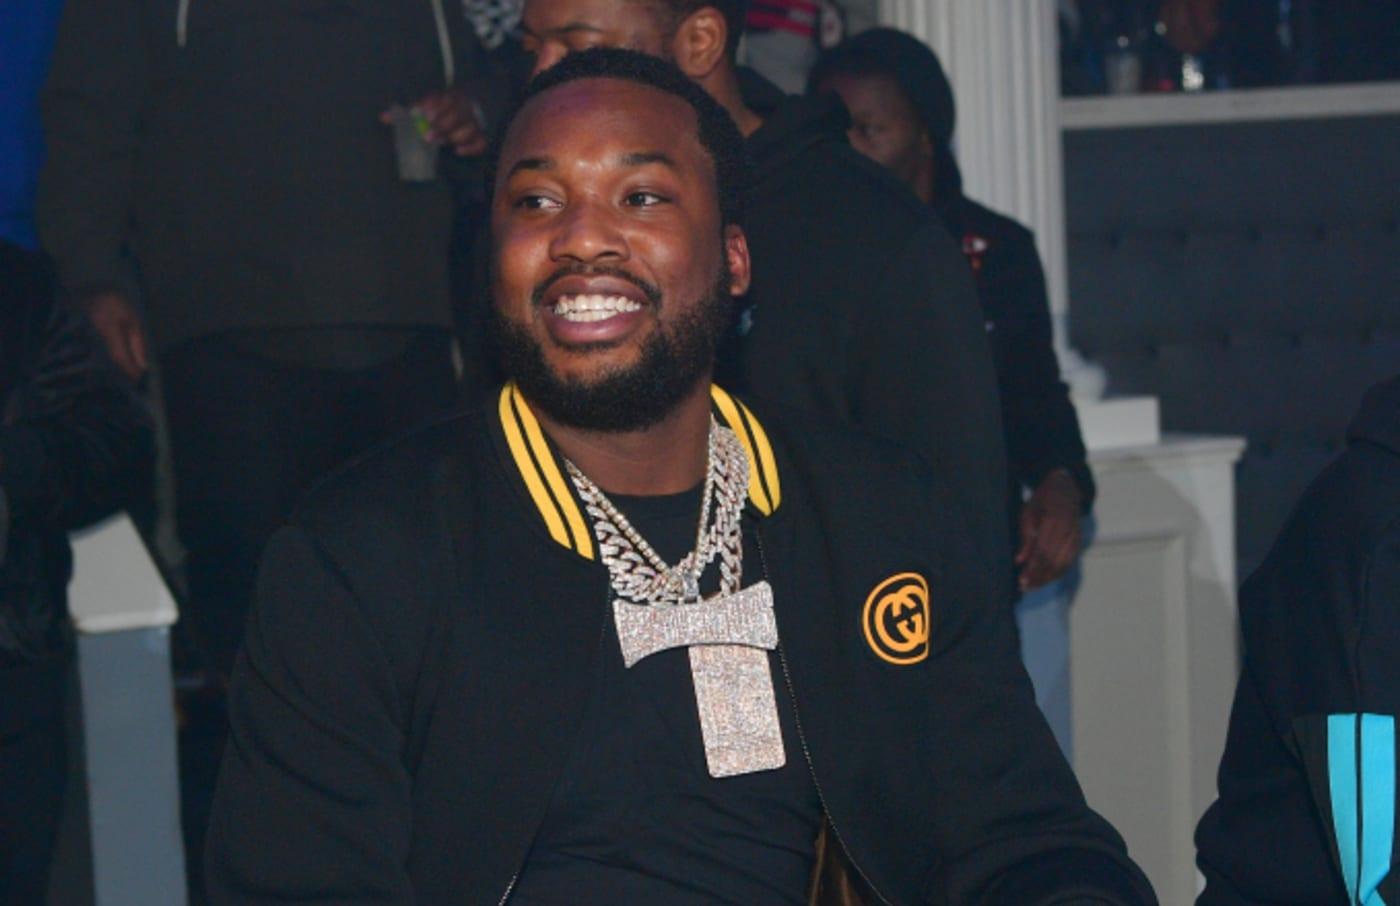 Rapper Meek Mill attends Meek Mill 'Championships' Album release Party